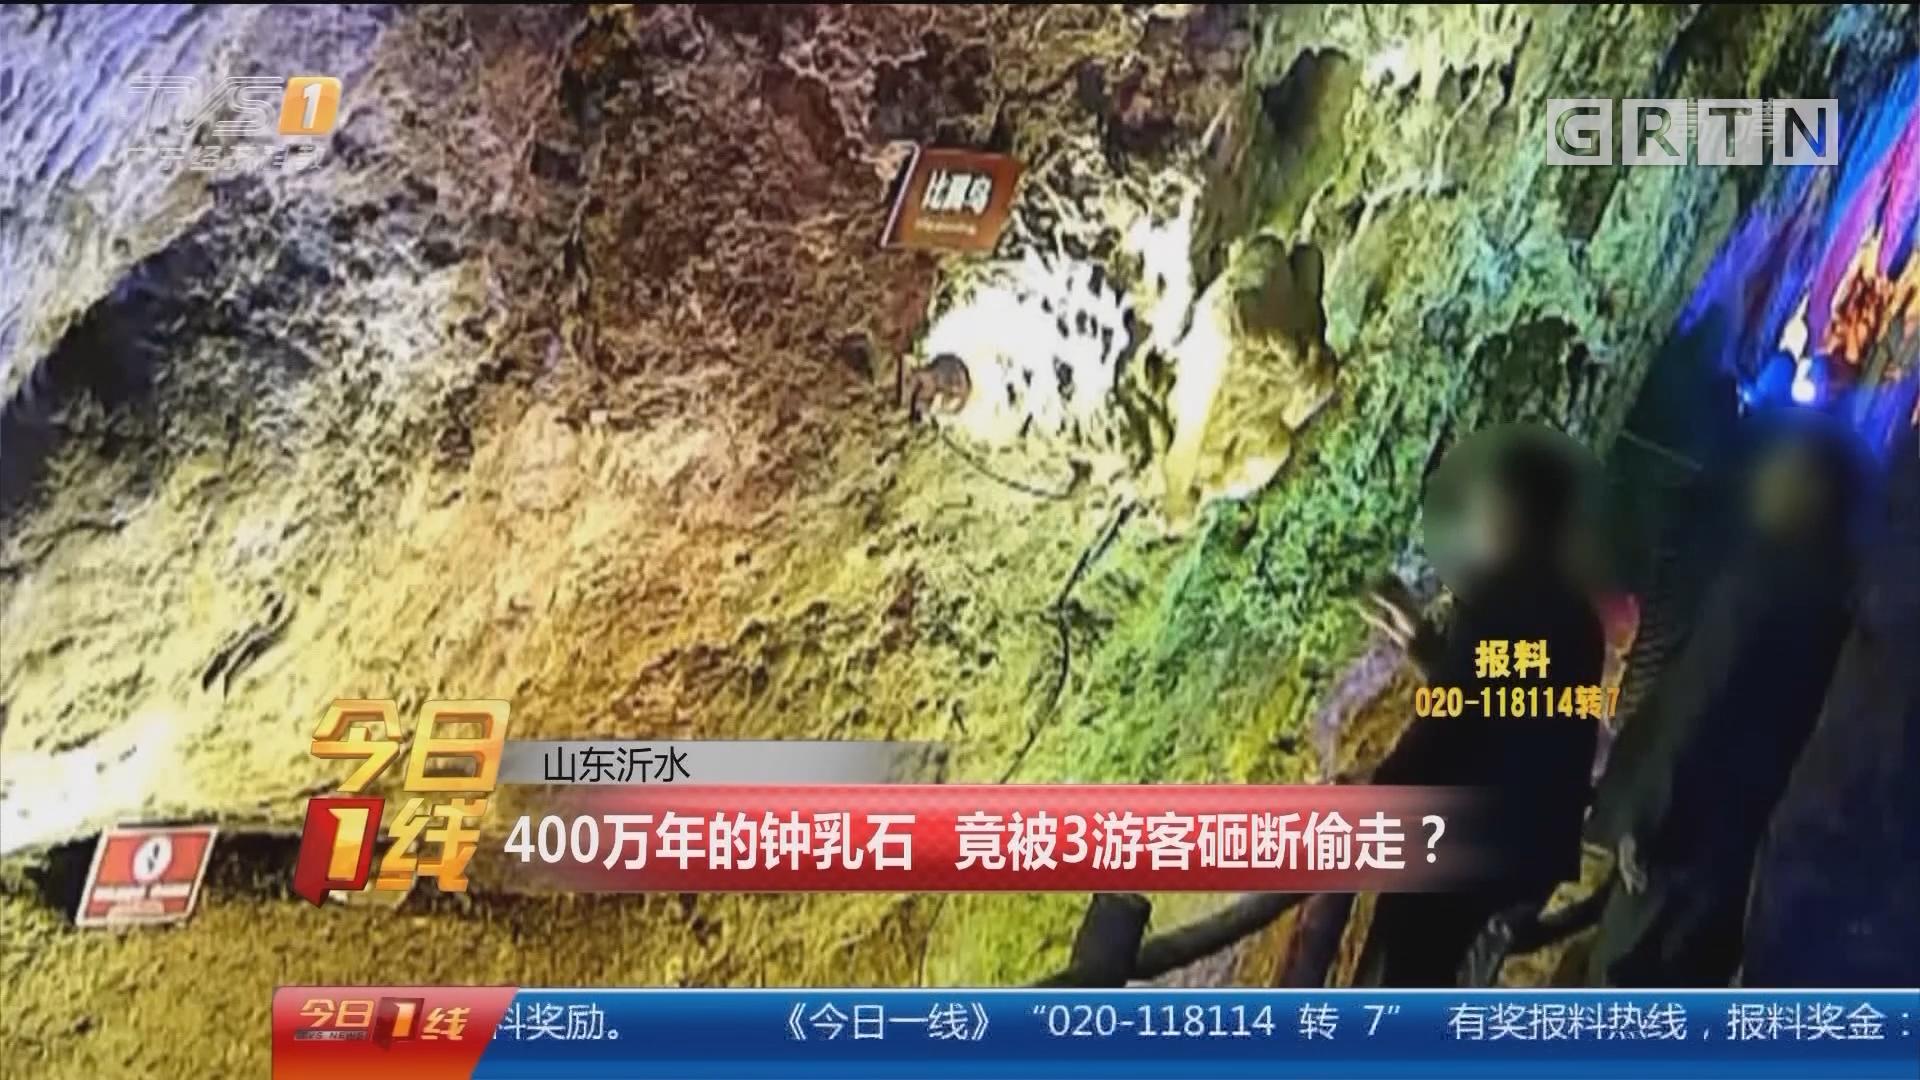 山东沂水:400万年的钟乳石 竟被3游客砸断偷走?